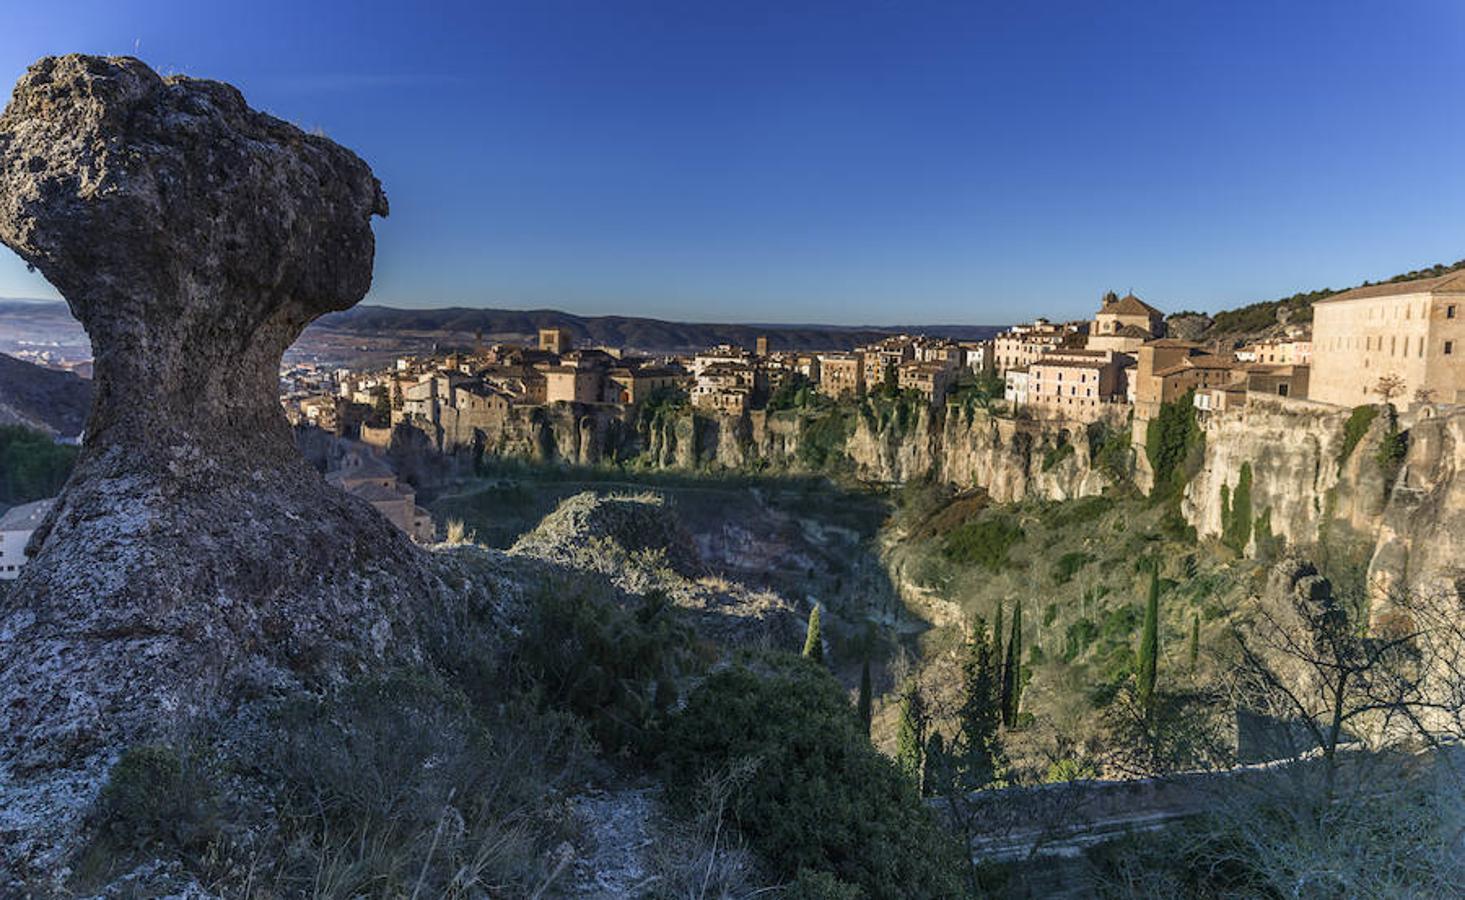 Vista panorámica del casco histórico de Cuenca